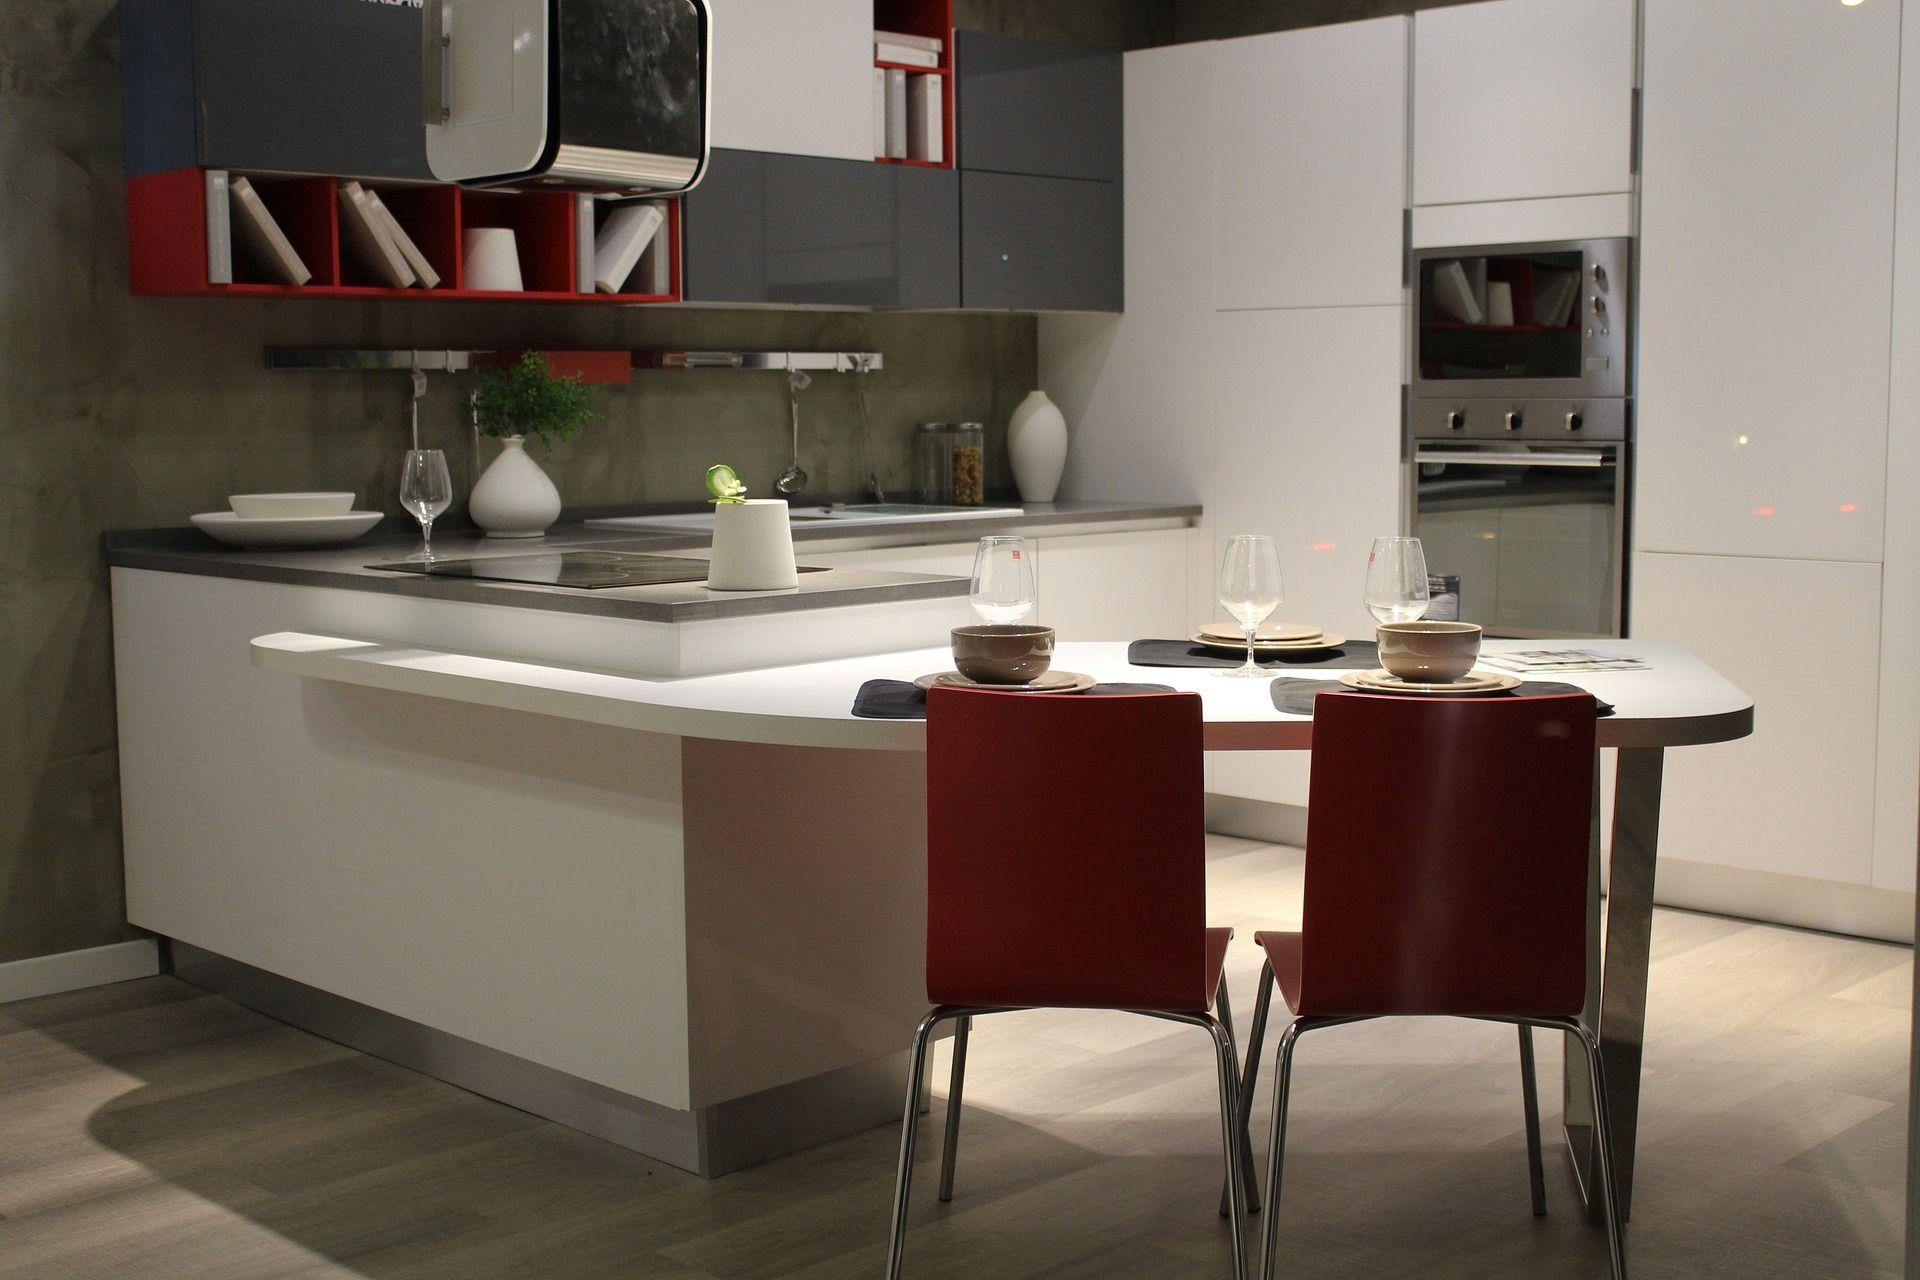 Foto 3 de Muebles de baño y cocina en Mungia | Cocinas ibinarriaga